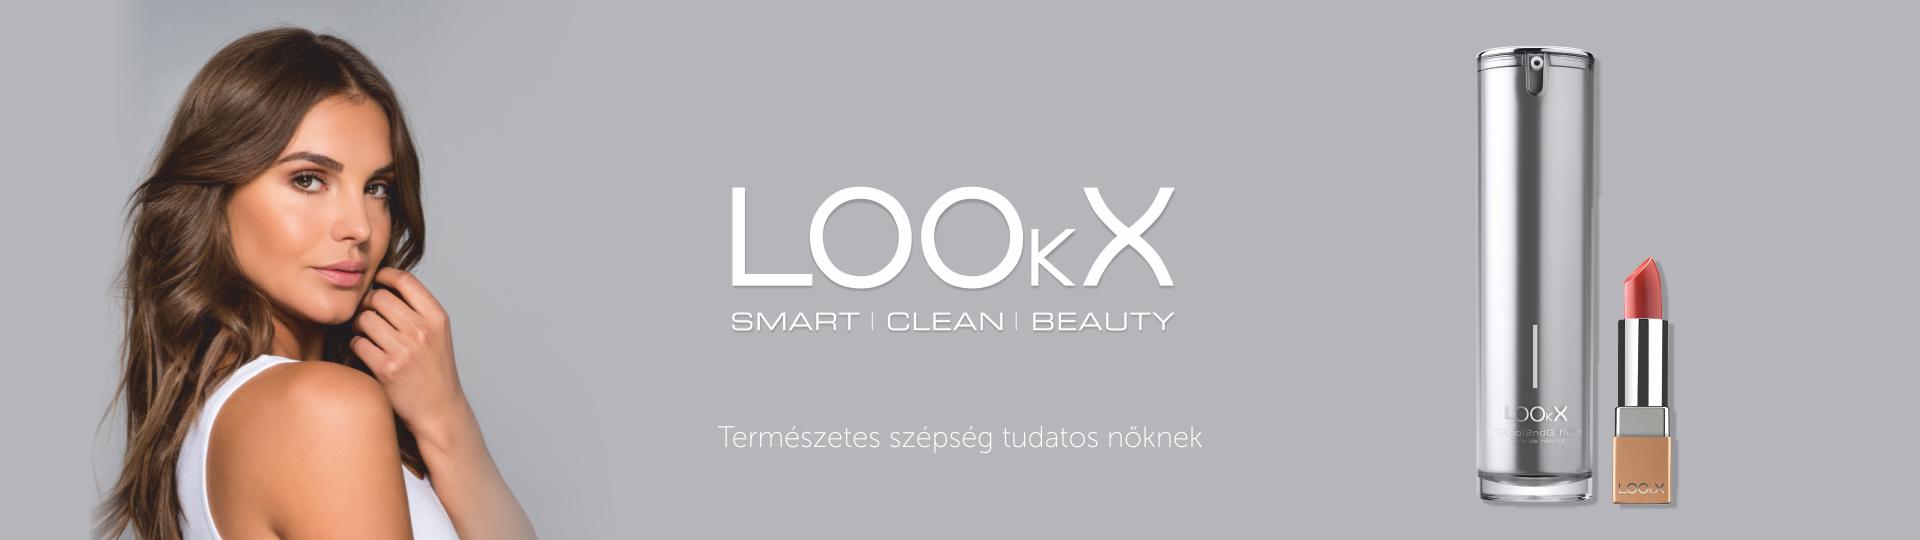 szépségápolás, tudatos bőrápolás és smink, LOOkX